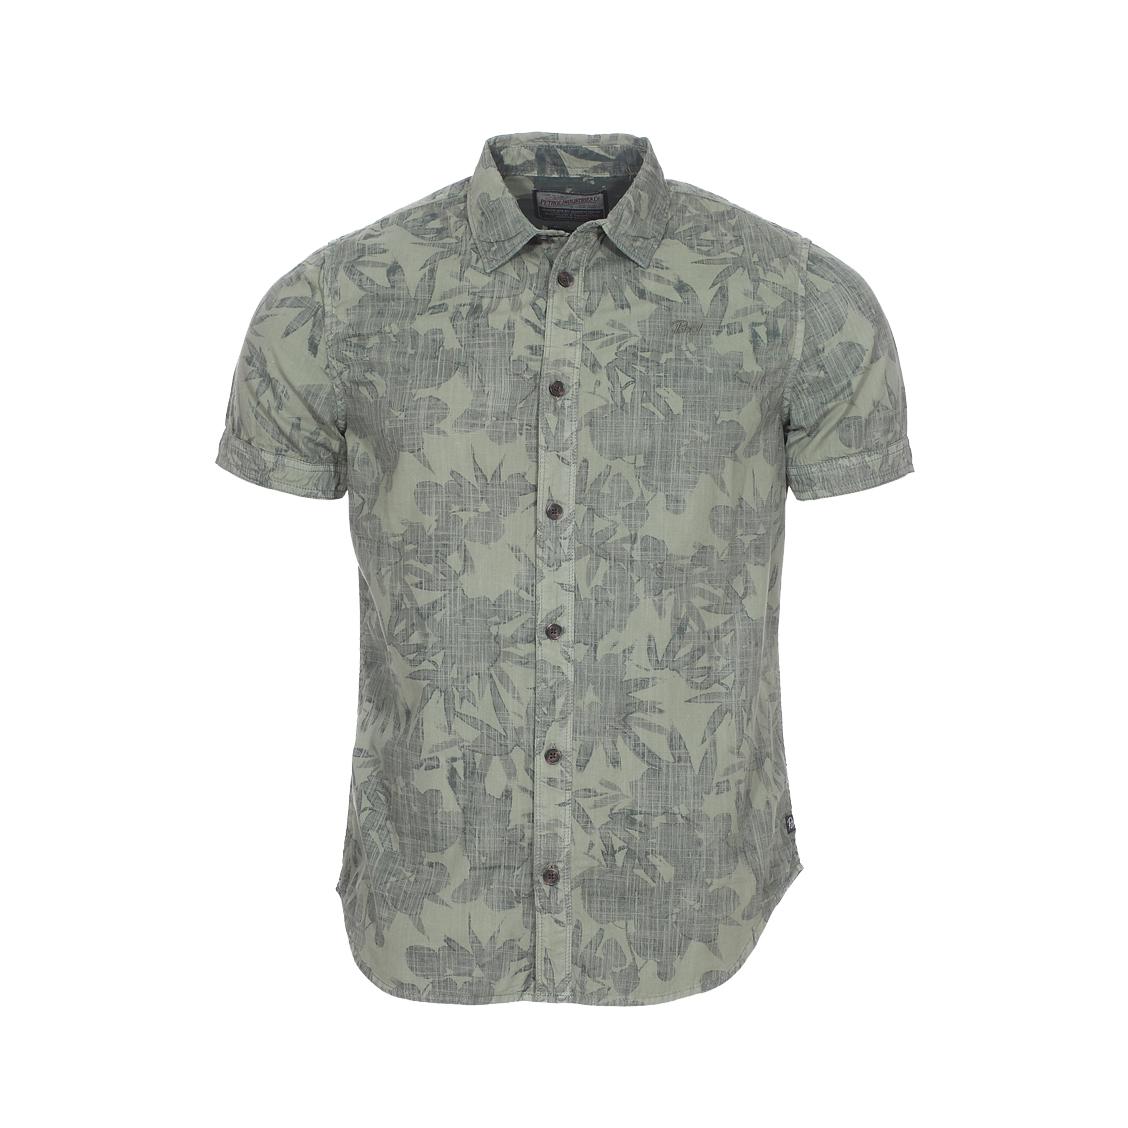 Chemise ajustée manches courtes petrol industrie en coton vert kaki à motifs feuilles